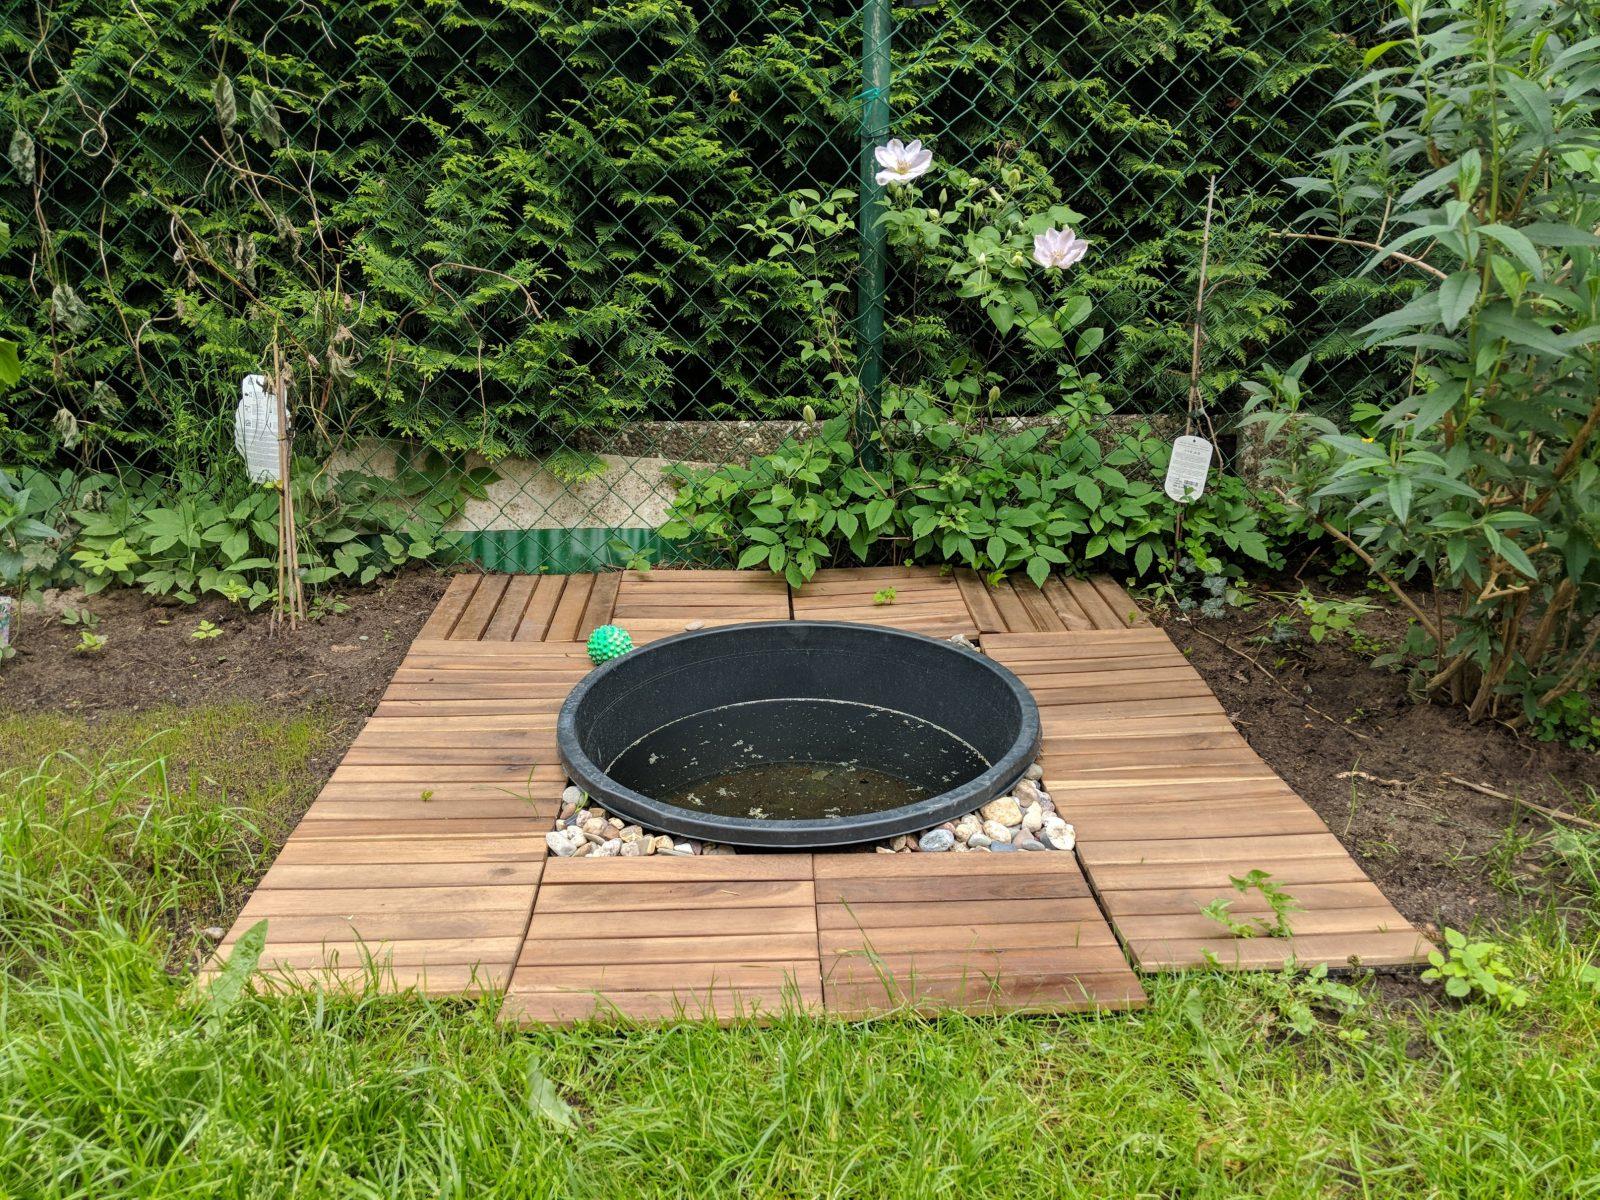 Einen Kleinen Hundepool Im Garten Selbst Bauen  Anlegen von Hunde Pool Selber Bauen Photo